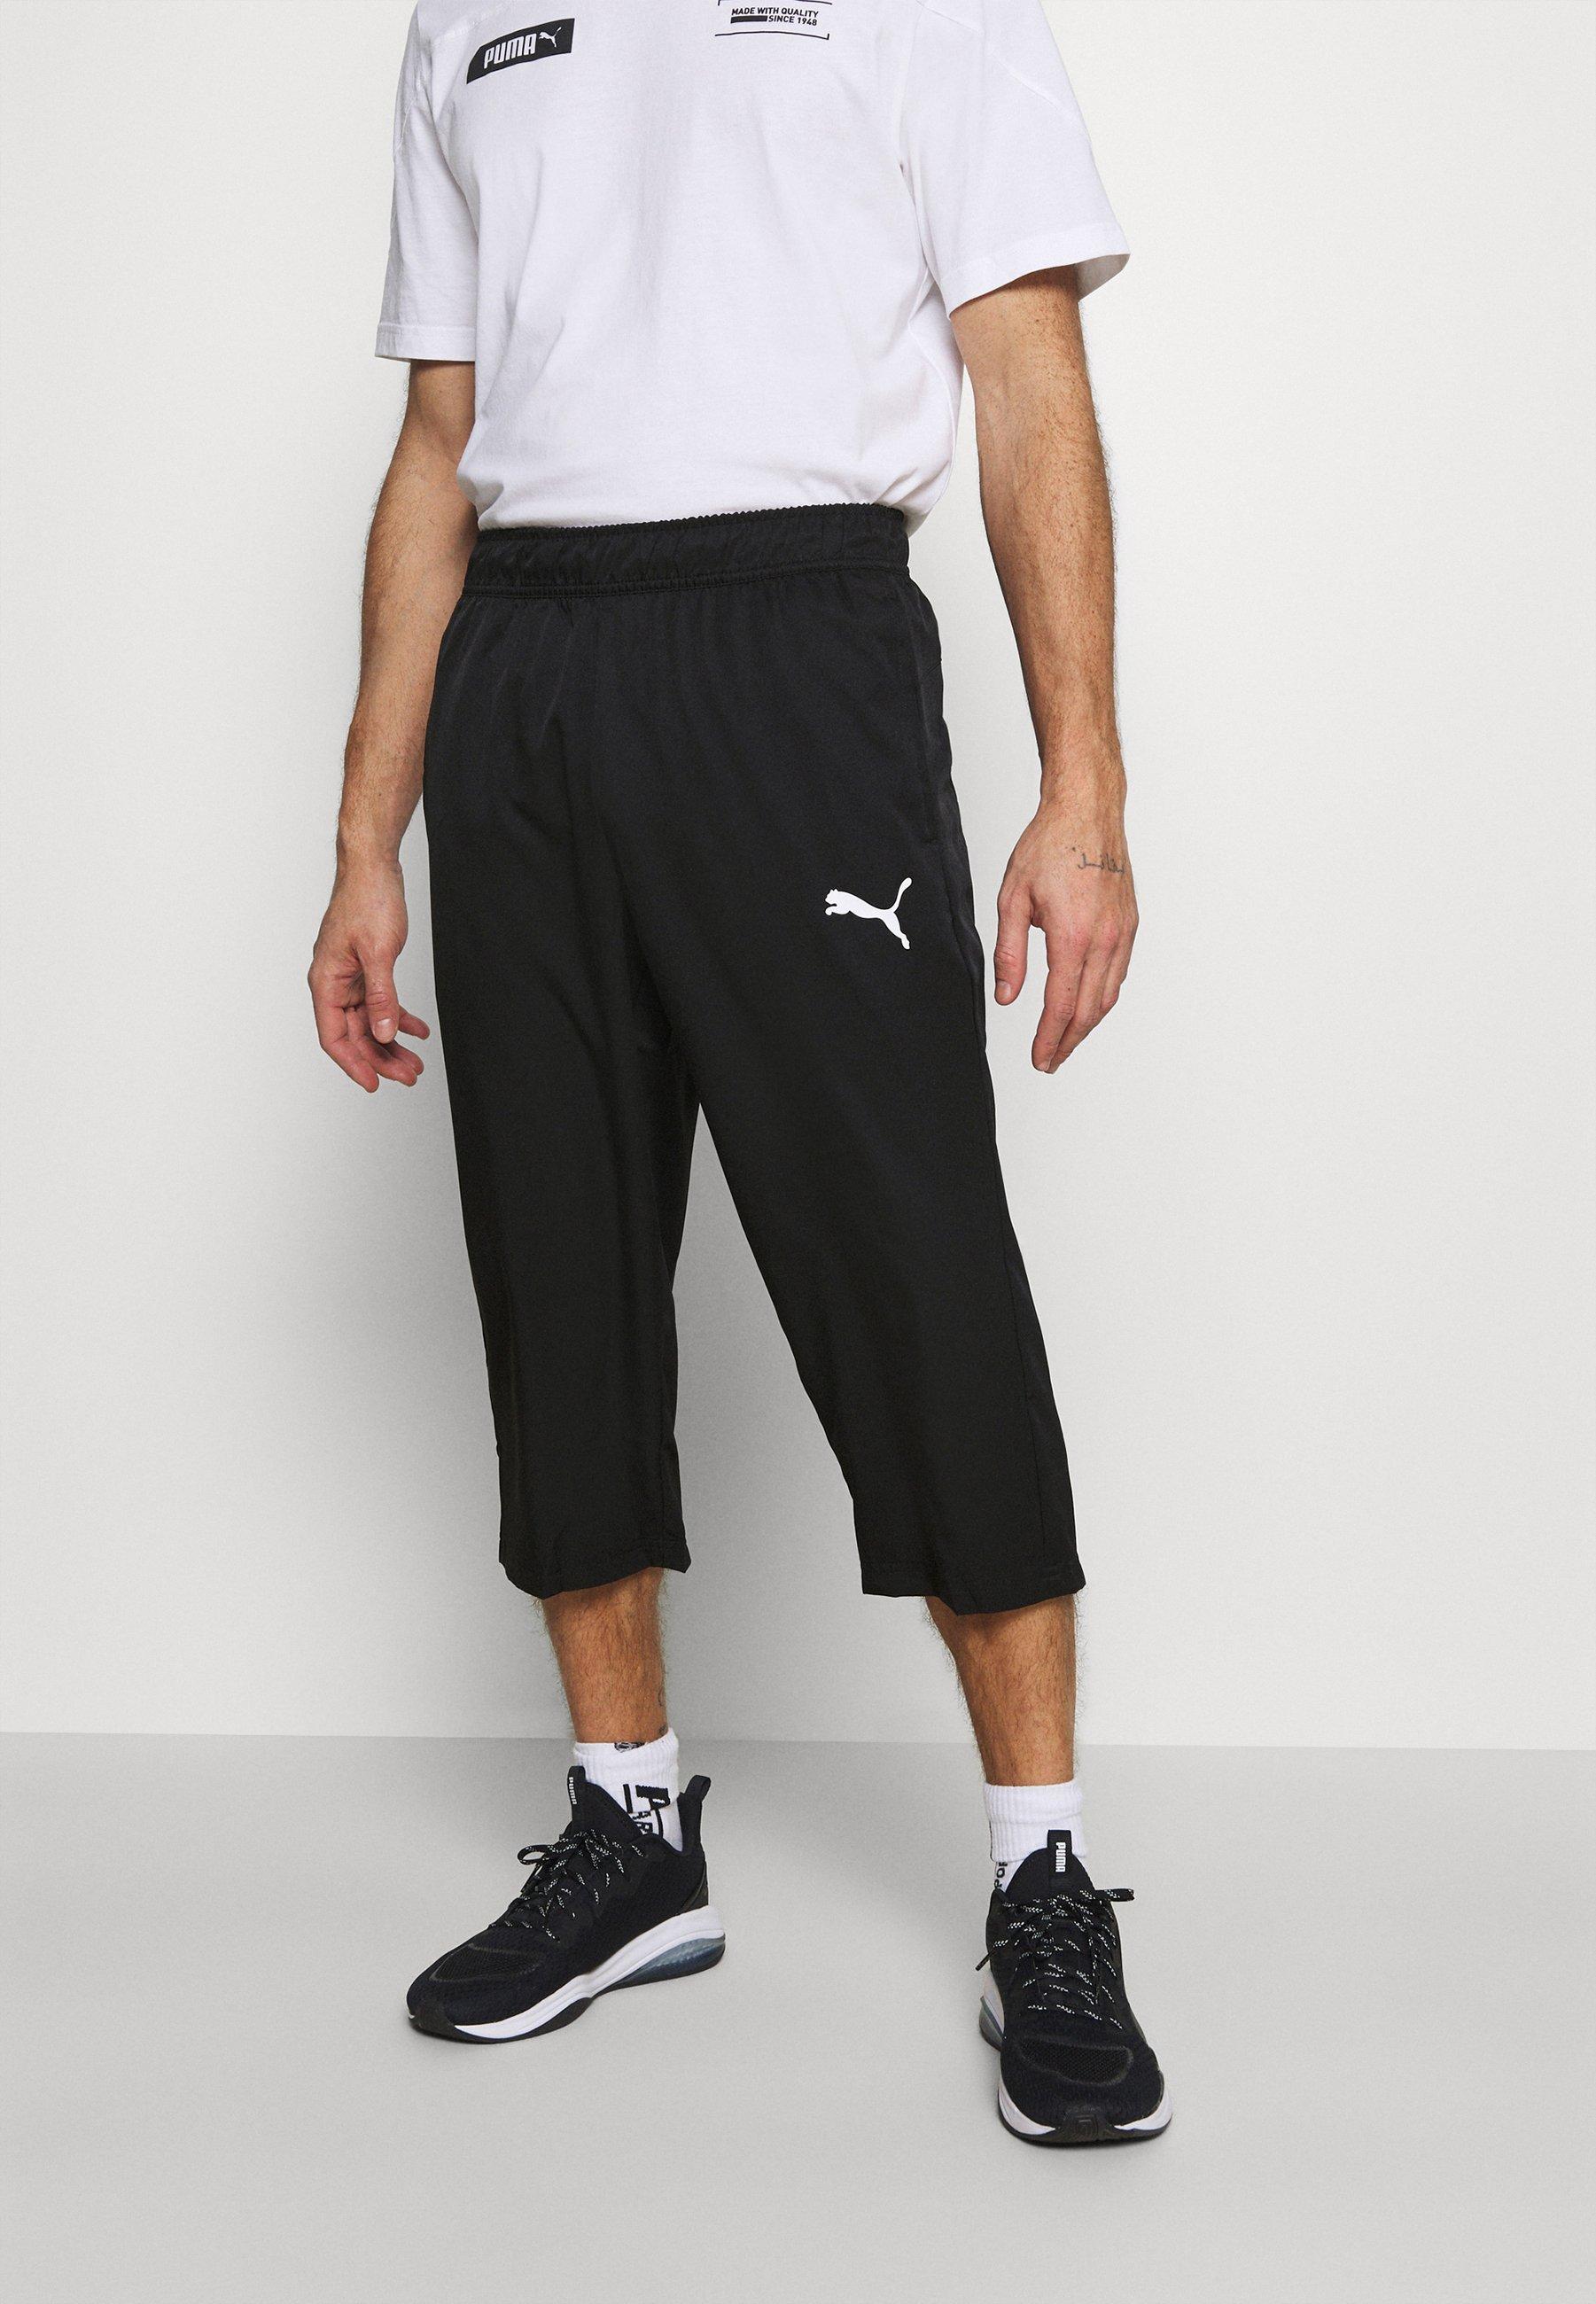 Men ACTIVE 3/4 PANTS - 3/4 sports trousers